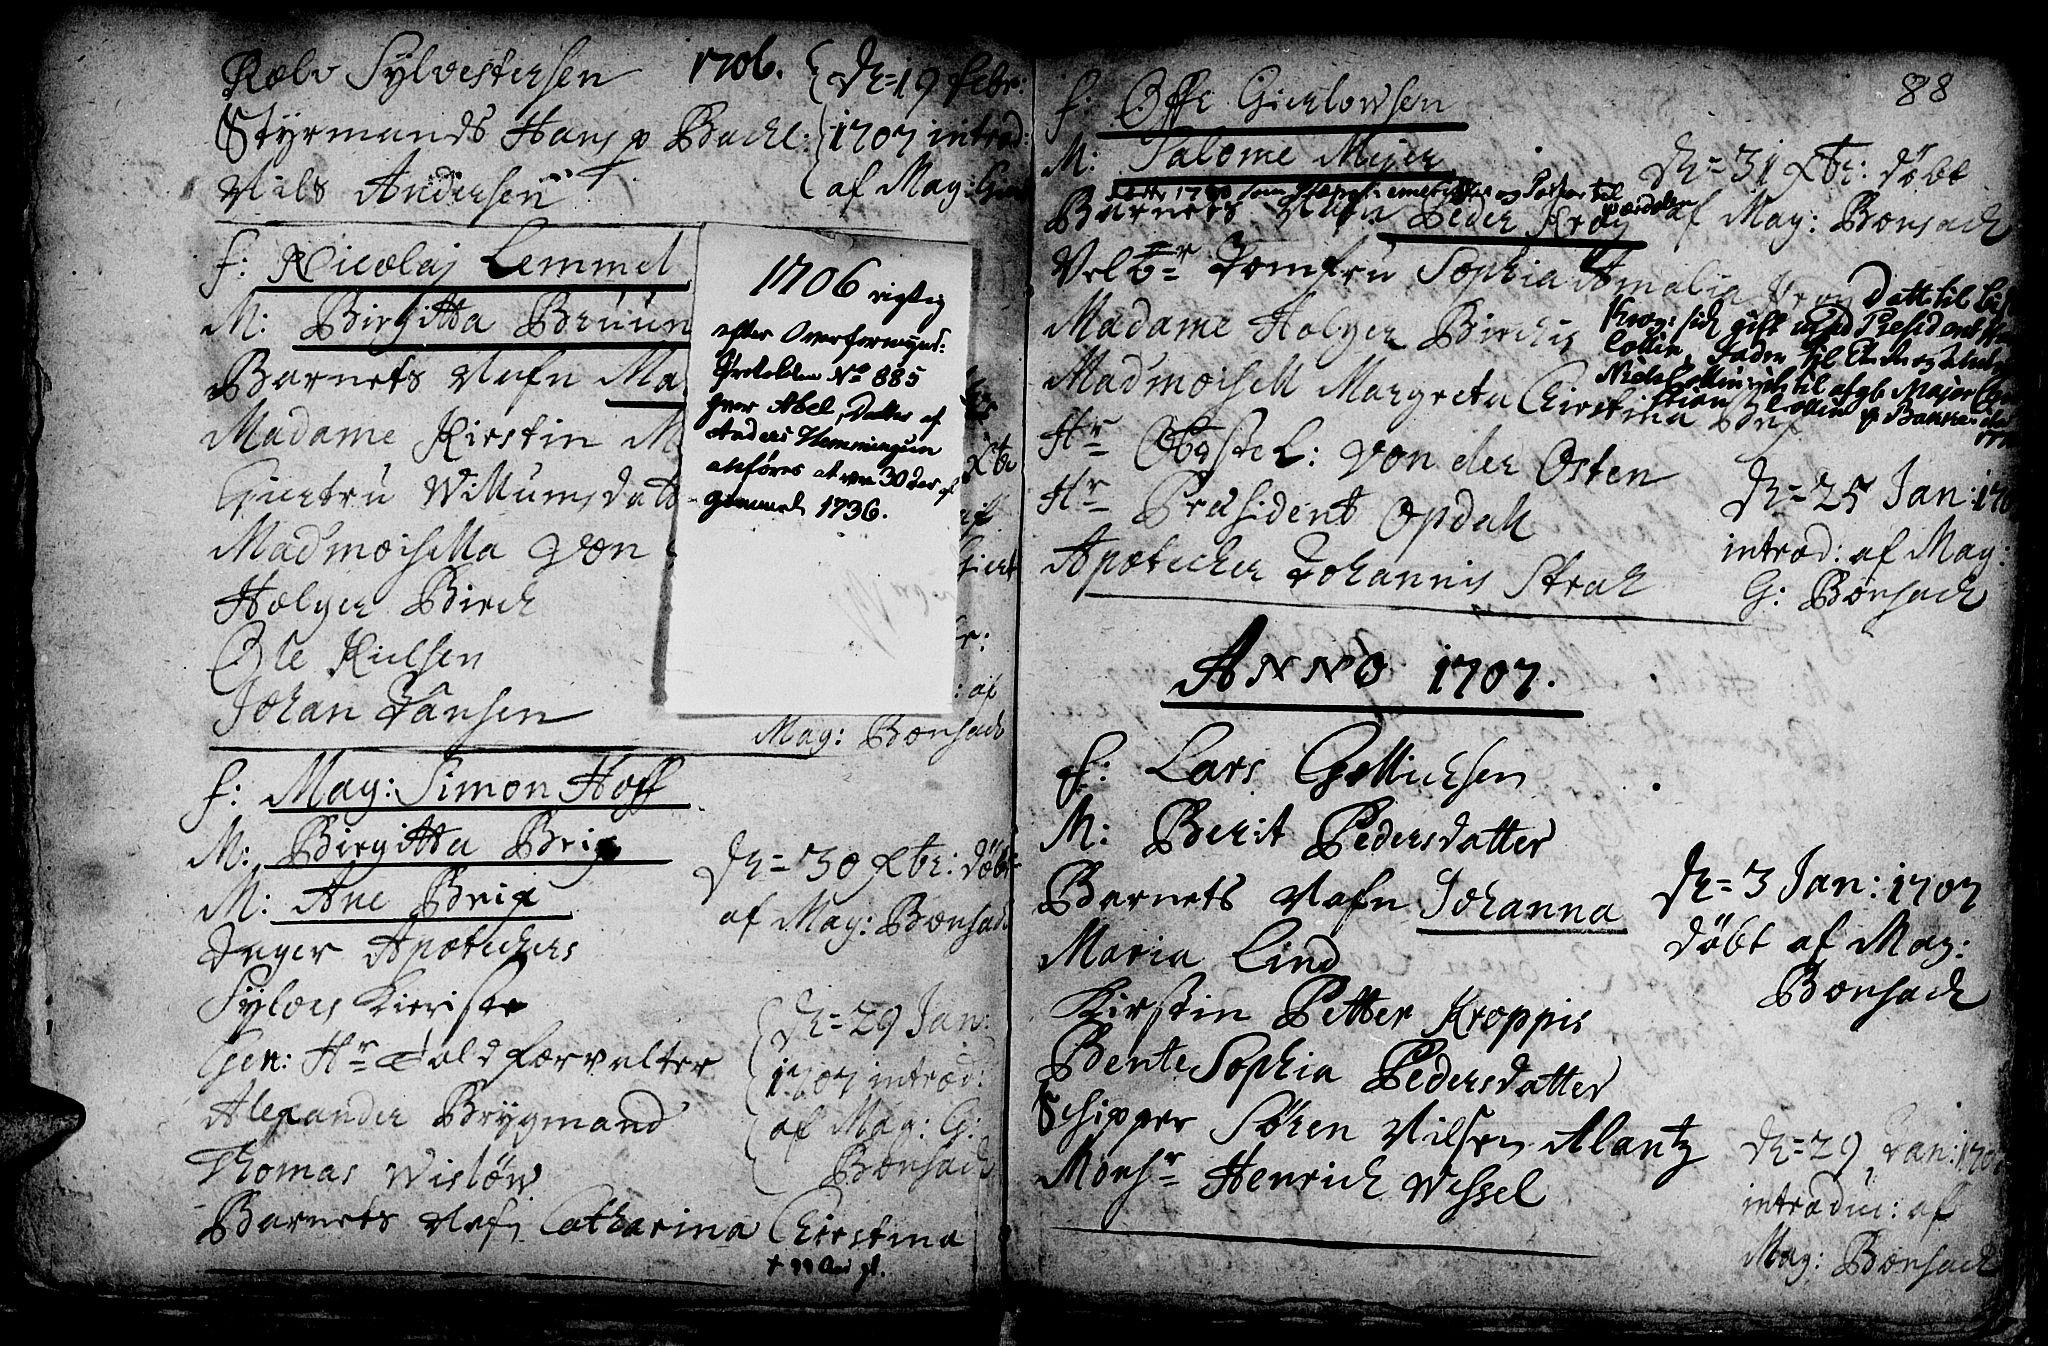 SAT, Ministerialprotokoller, klokkerbøker og fødselsregistre - Sør-Trøndelag, 601/L0034: Ministerialbok nr. 601A02, 1702-1714, s. 88